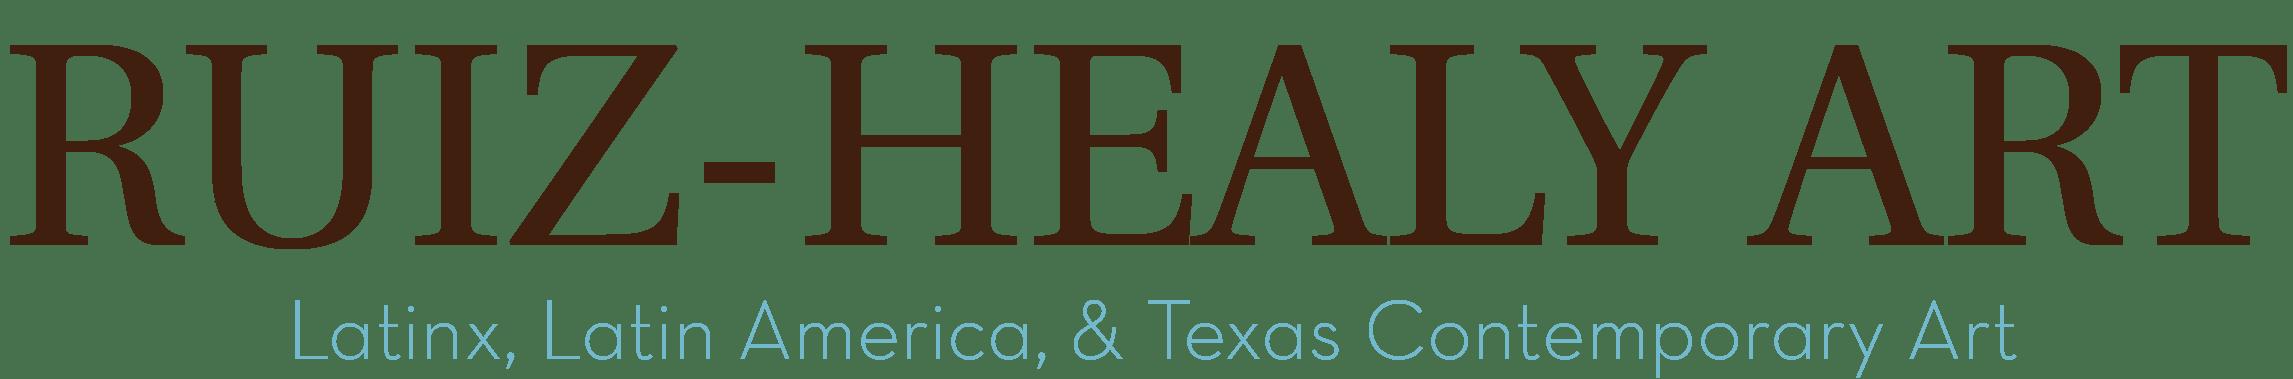 Ruiz-Healy Art company logo